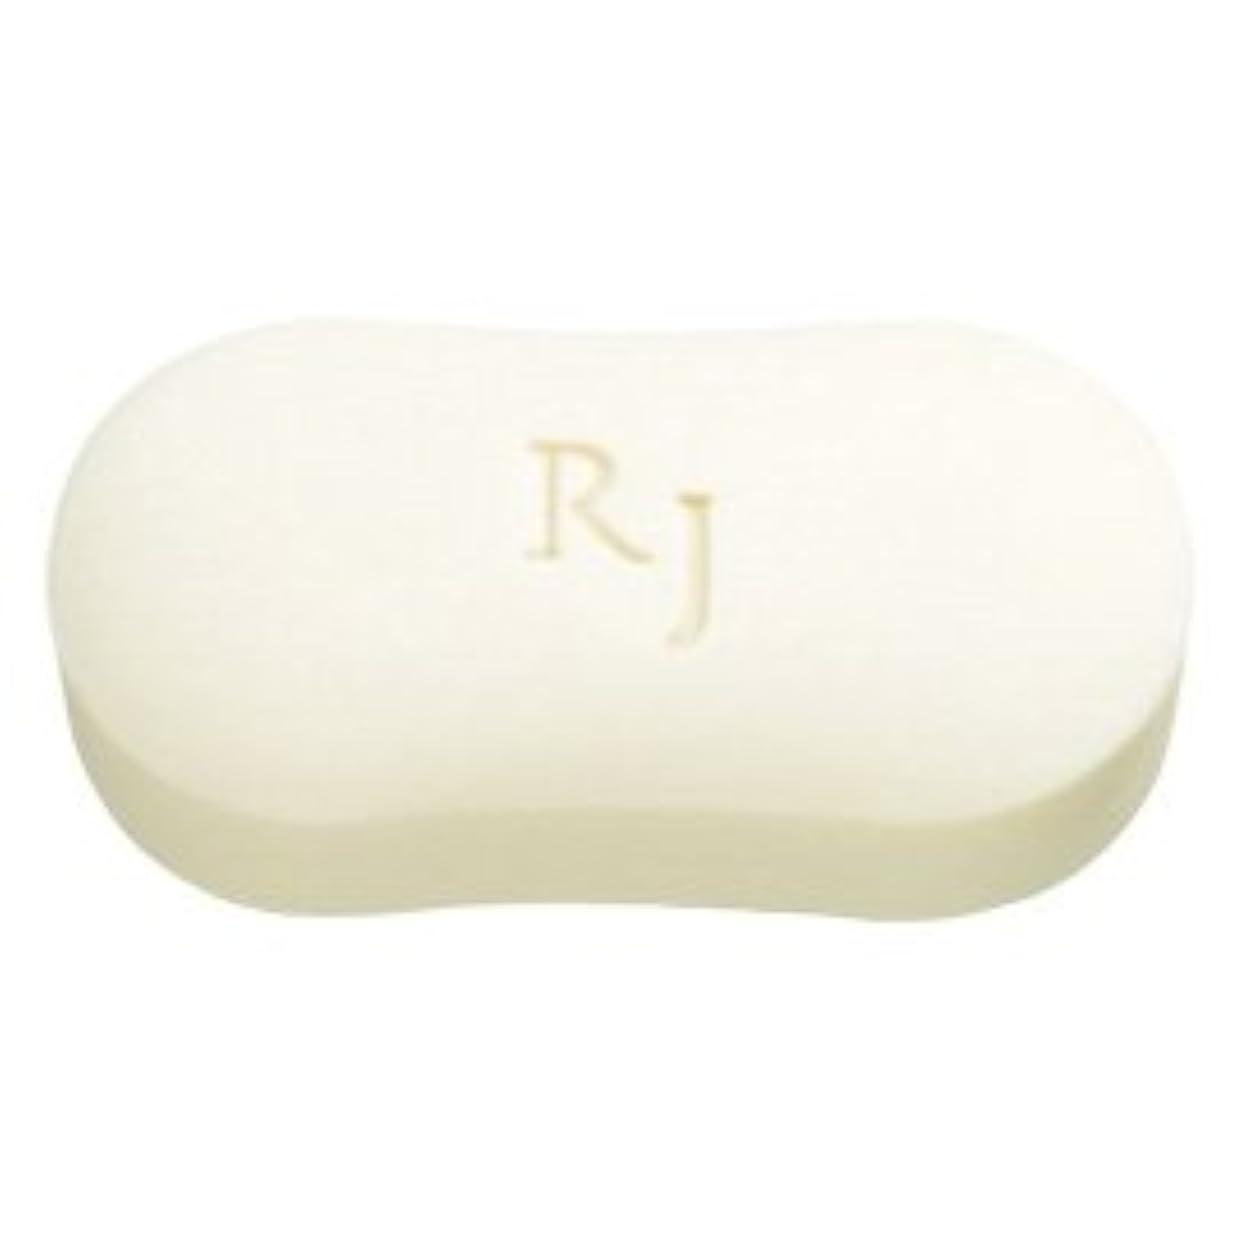 関連するモールス信号癒すRJホワイトソープ(洗顔石鹸?ボディソープ) 脂性肌用 120g/Royal Jelly White Soap<120g>